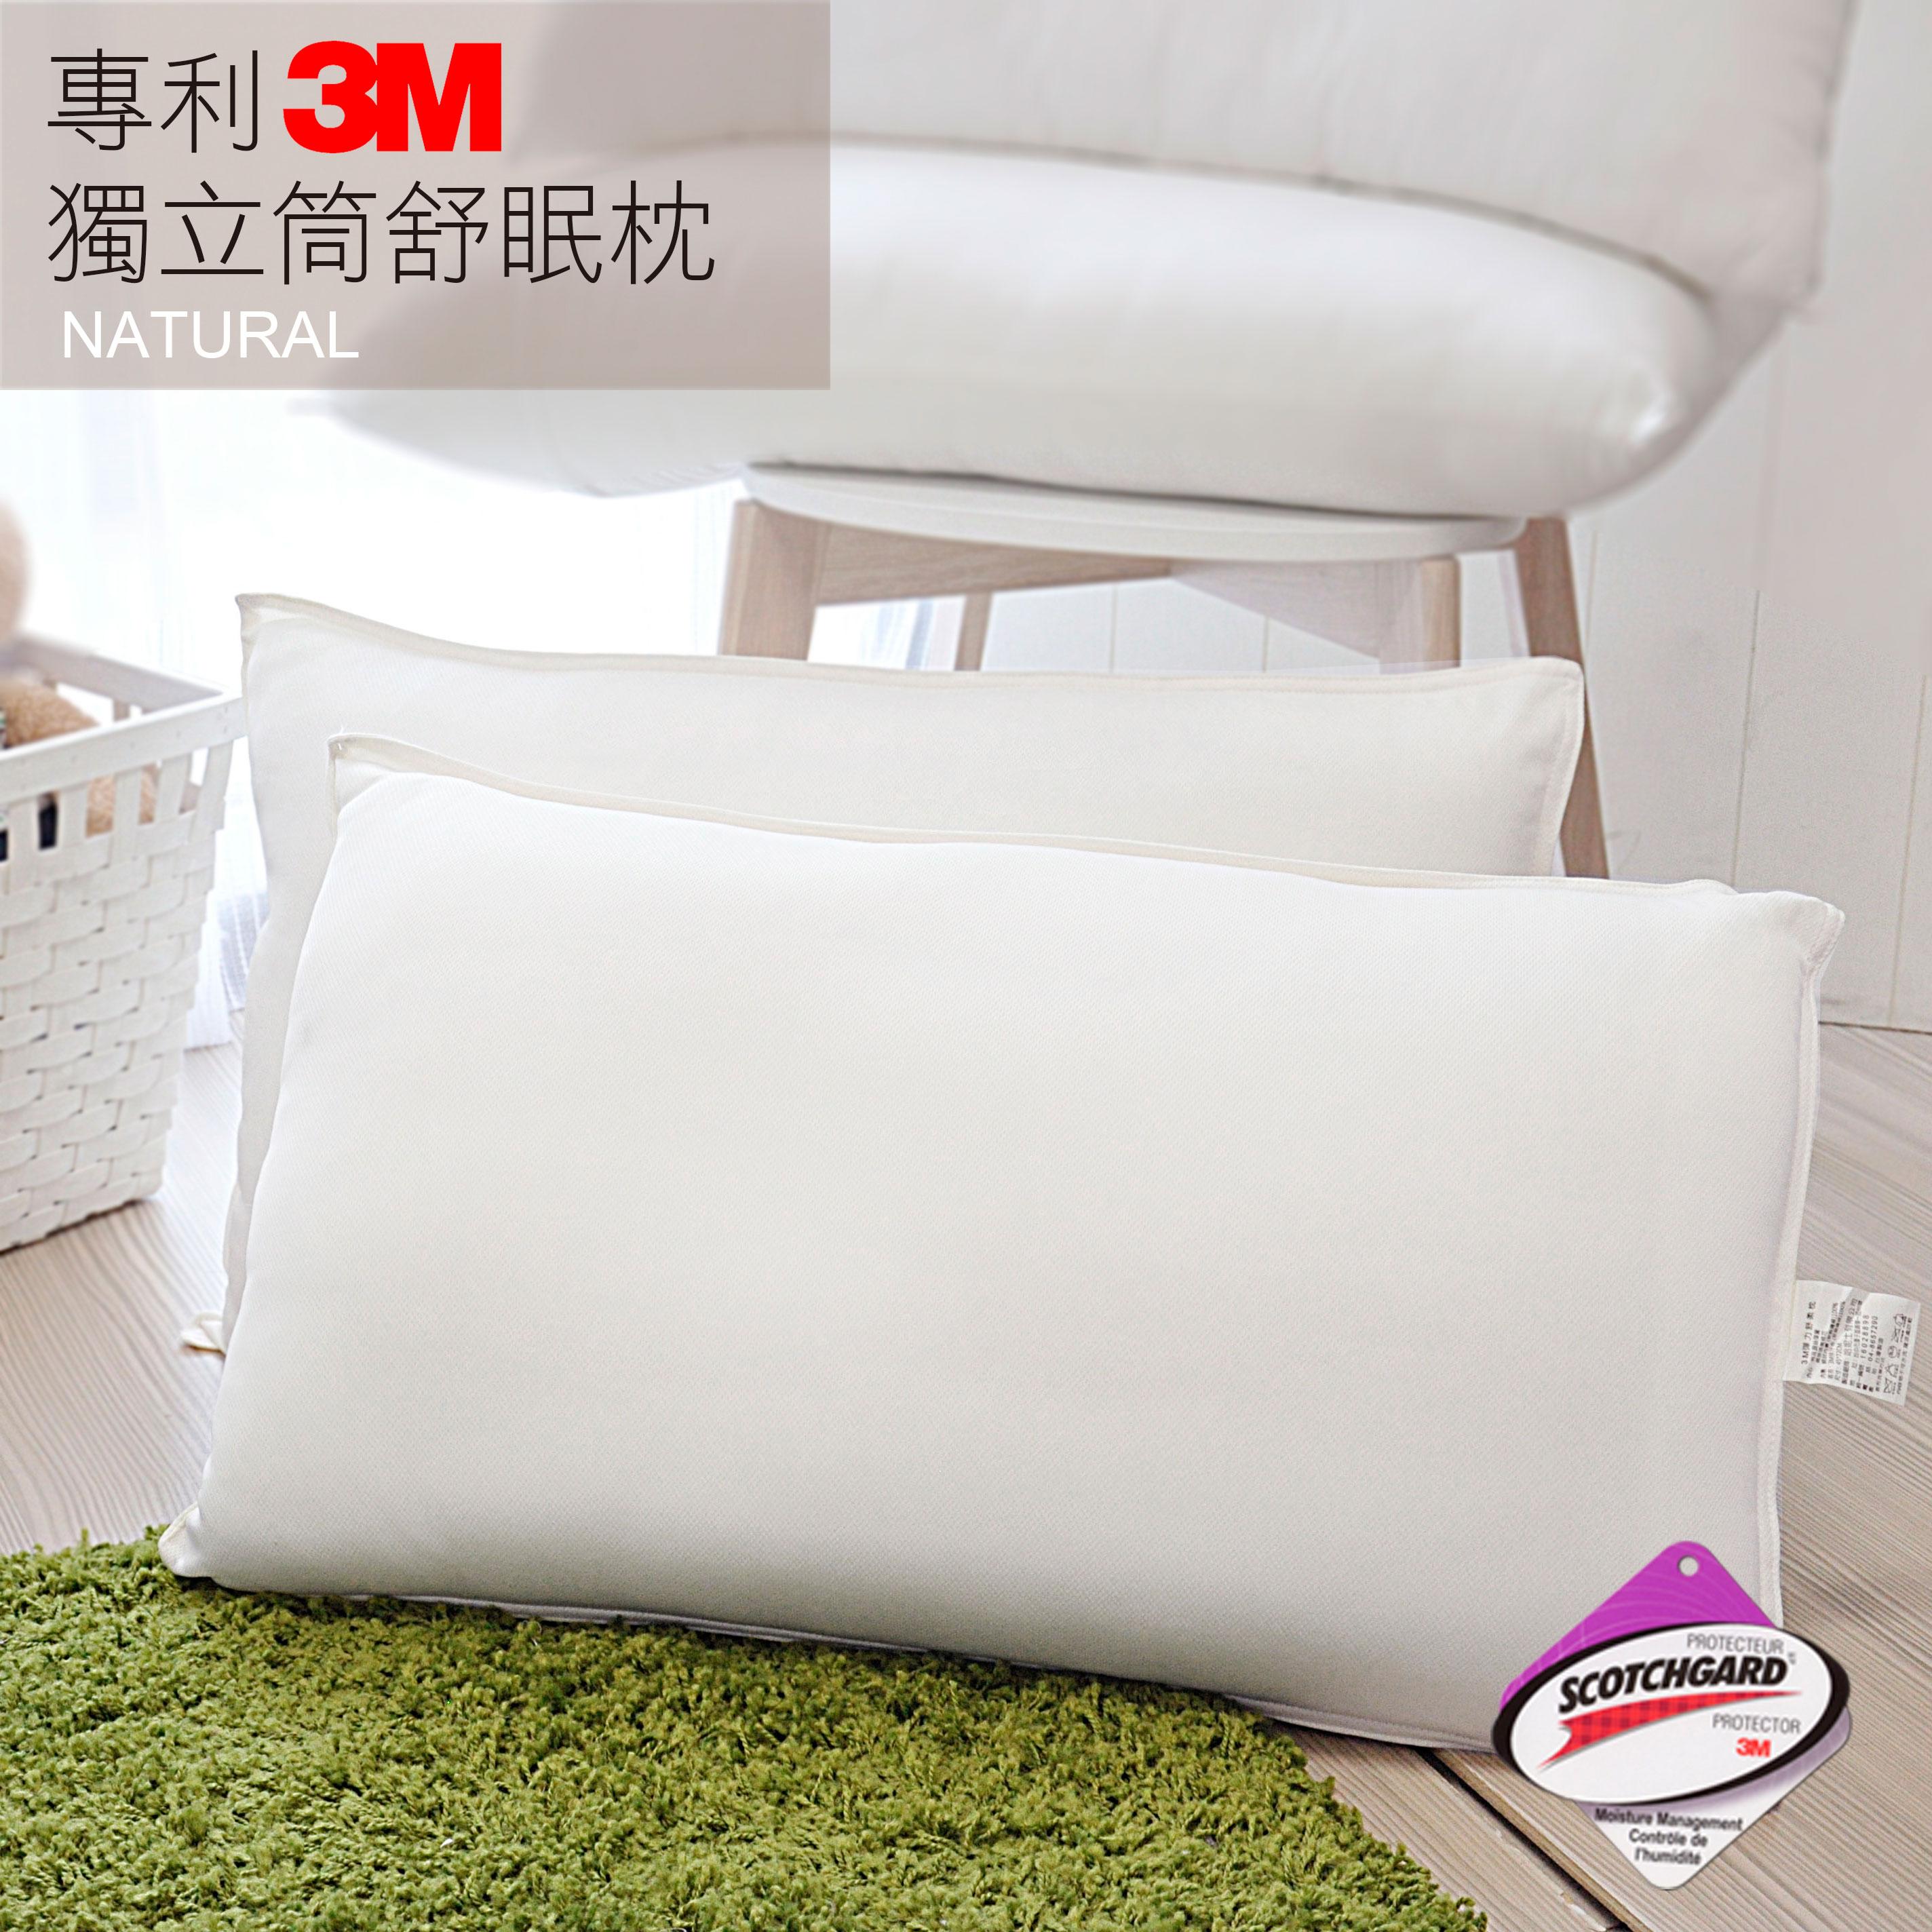 (1入)3M抗菌獨立筒舒壓枕(無附提袋)- 新款上市優惠價_HOUXURY台灣製